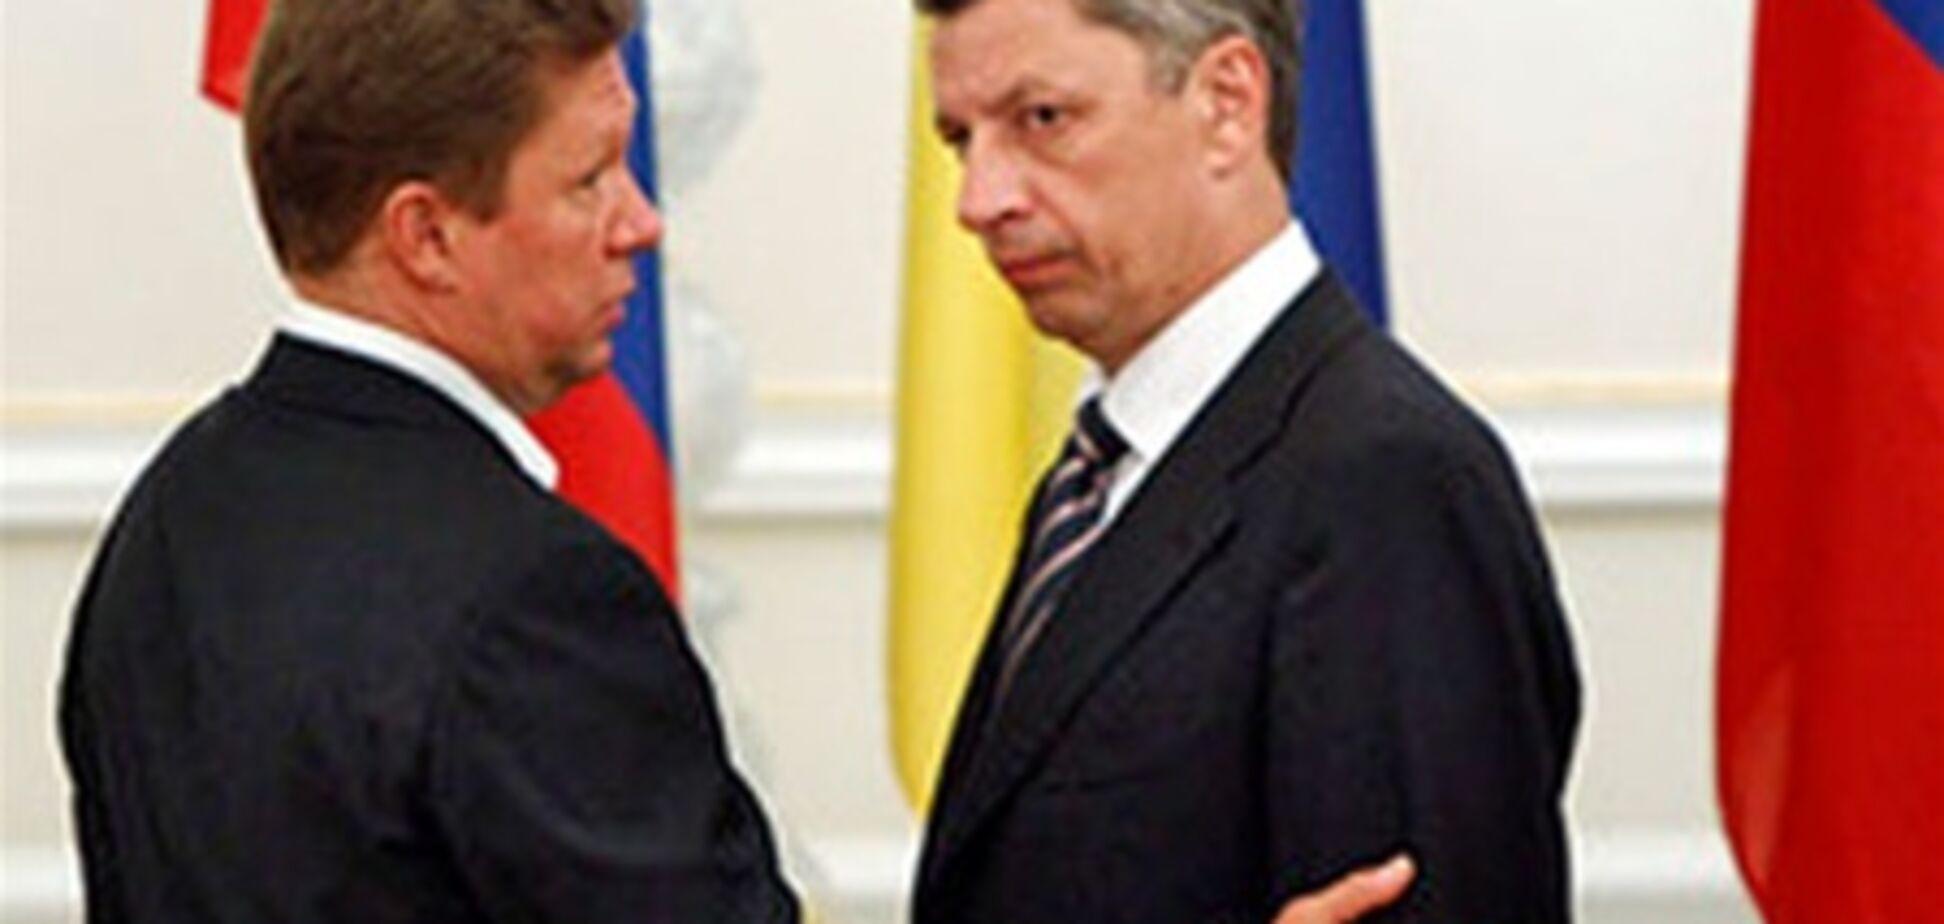 Газ: политики молчат, потому что боятся скандала - Карасев